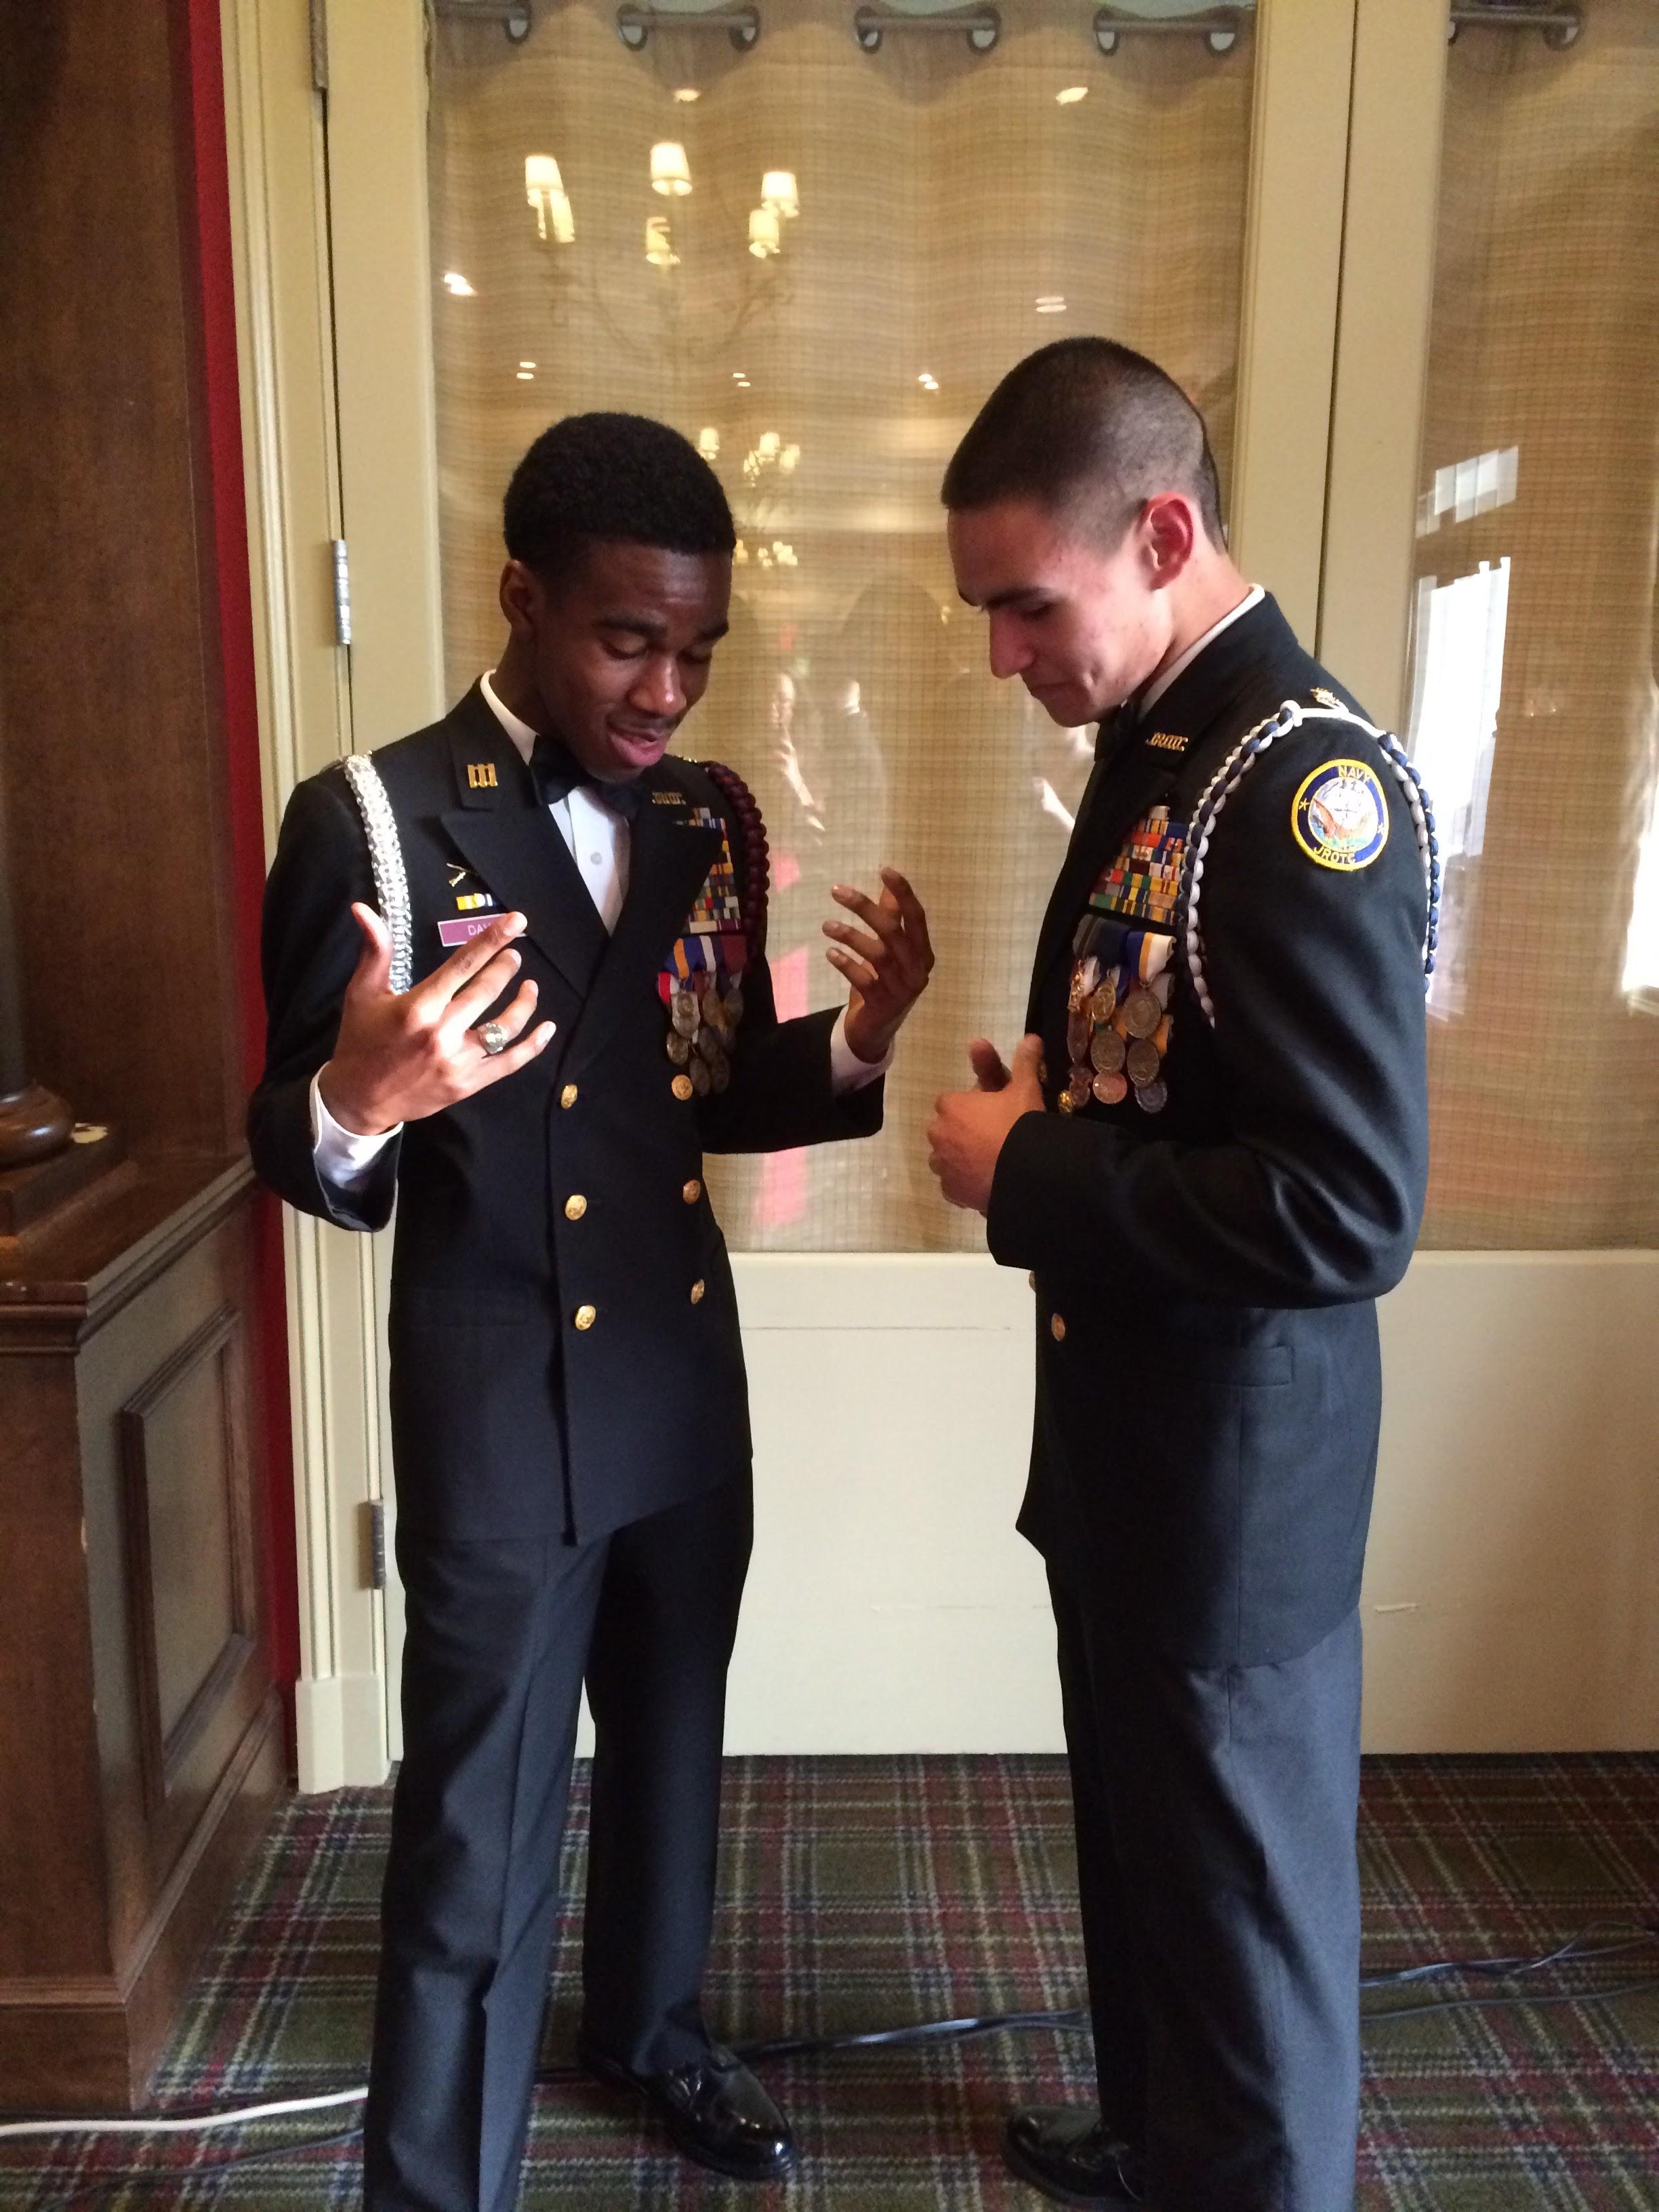 Military Ball Etiquette